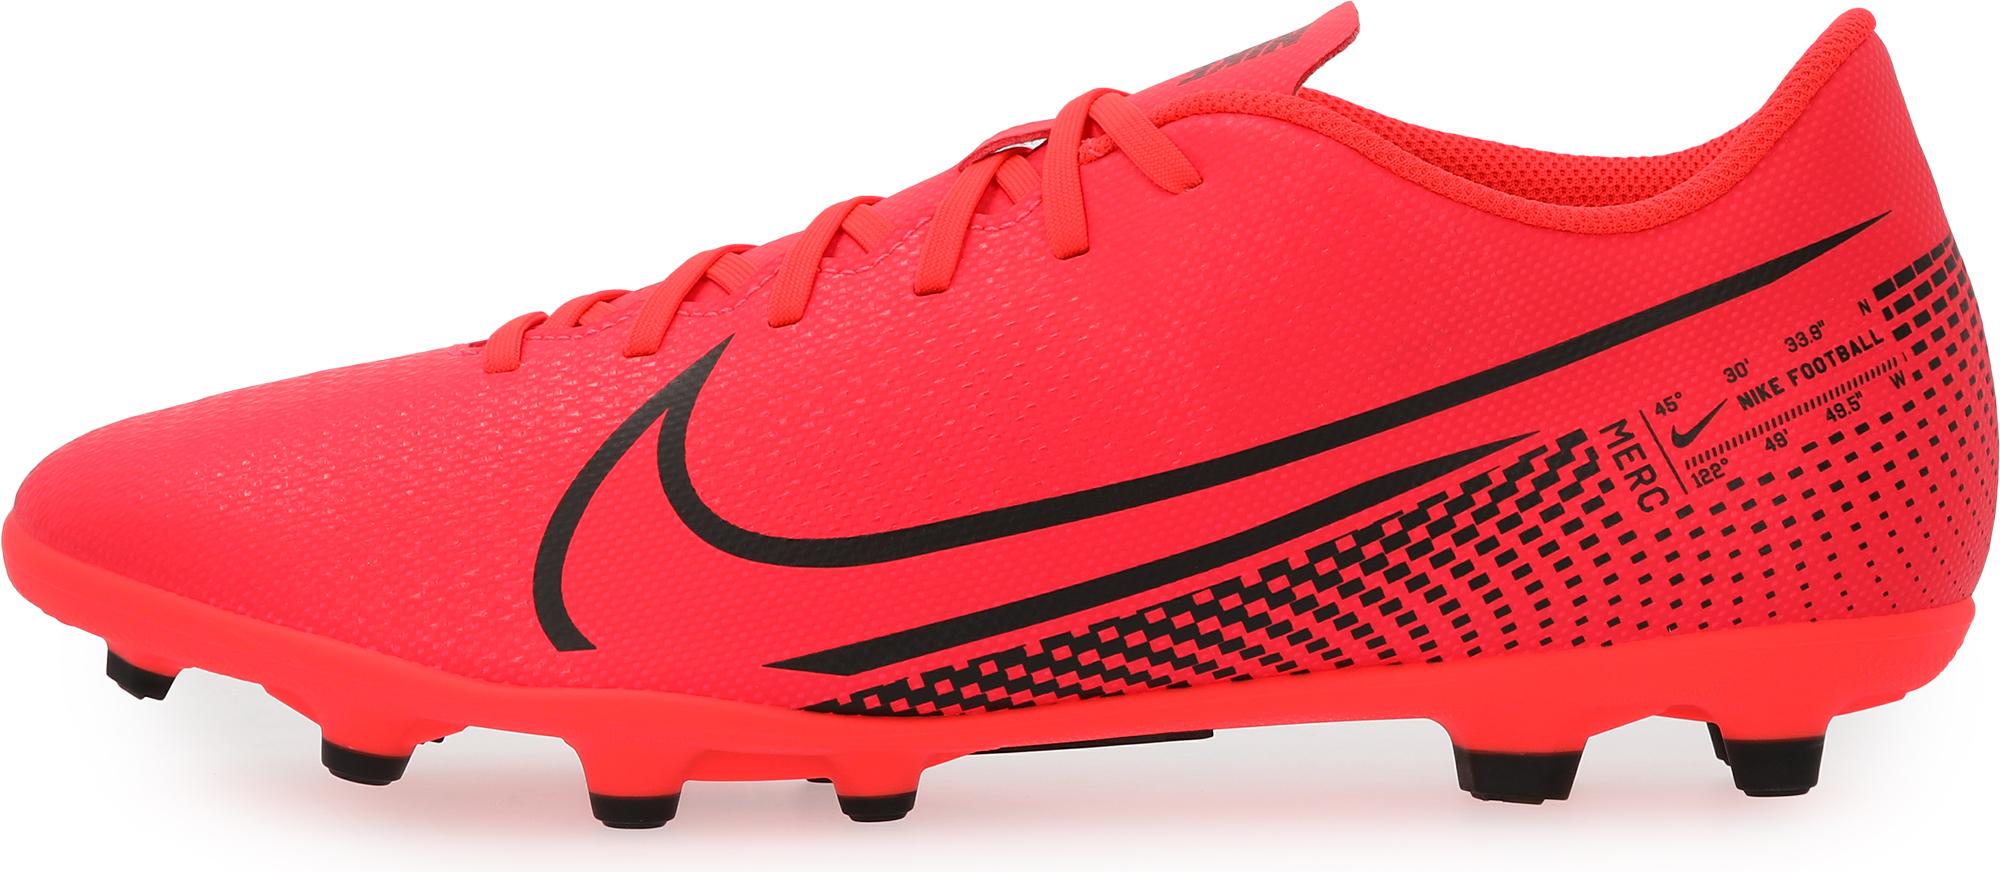 Nike Бутсы мужские Nike Mercurial Vapor 13 Club MG, размер 41 бутсы детские nike vapor 13 club mg ps at8162 010